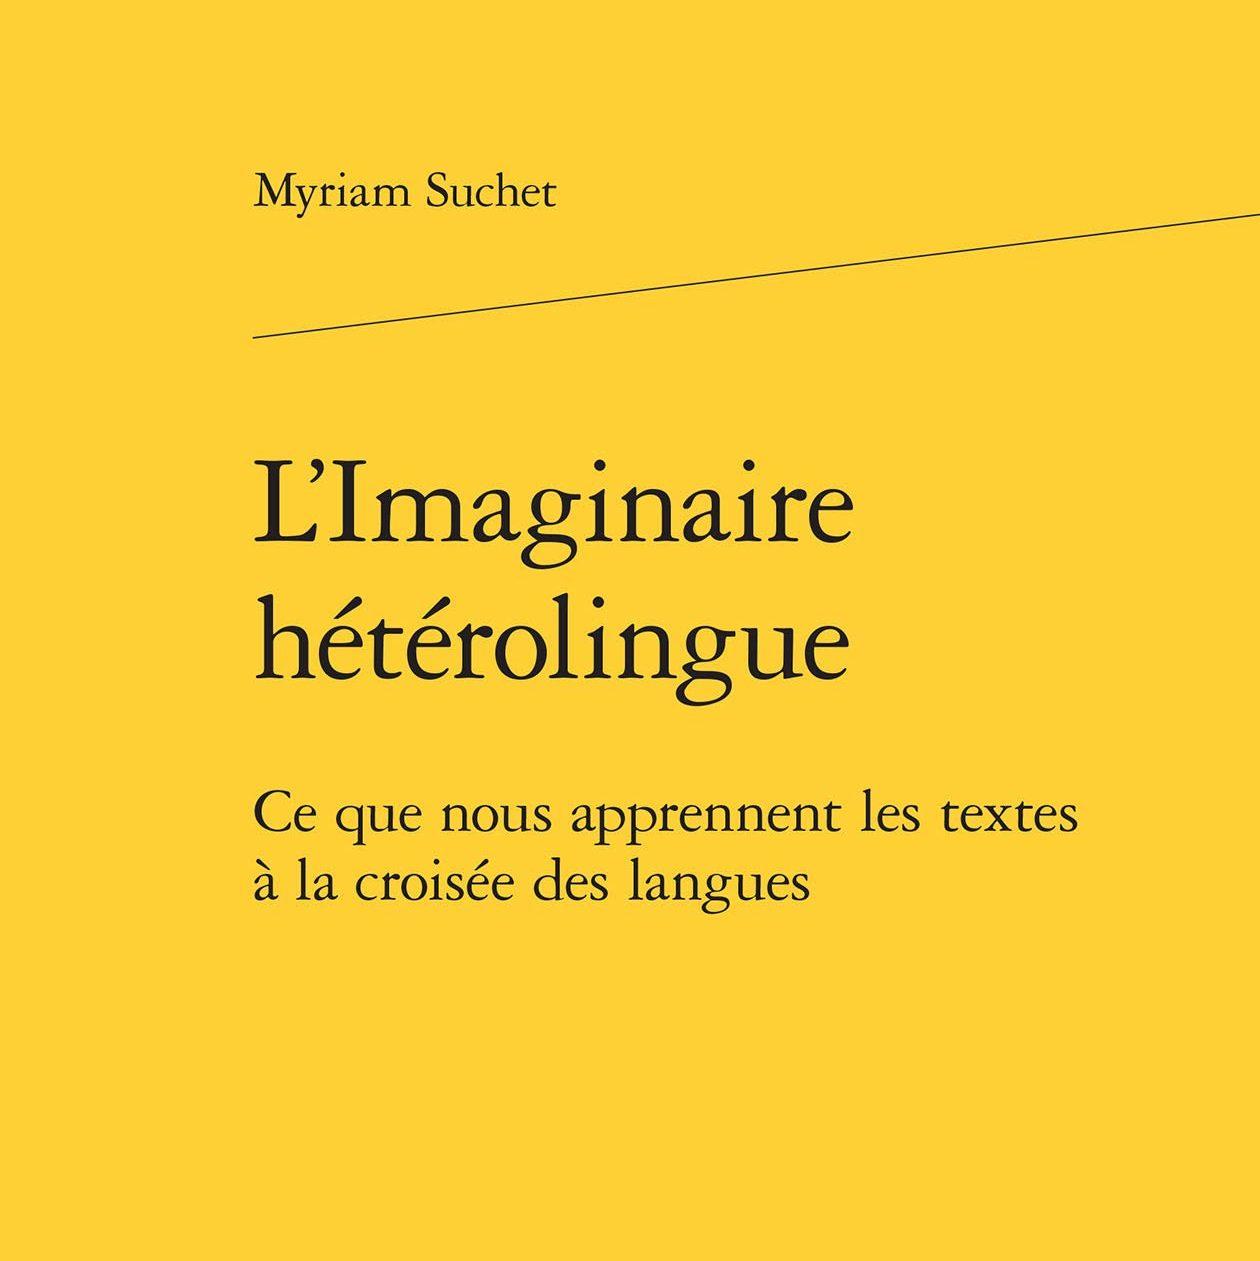 Couverture du livre L'imaginaire hétérolingue